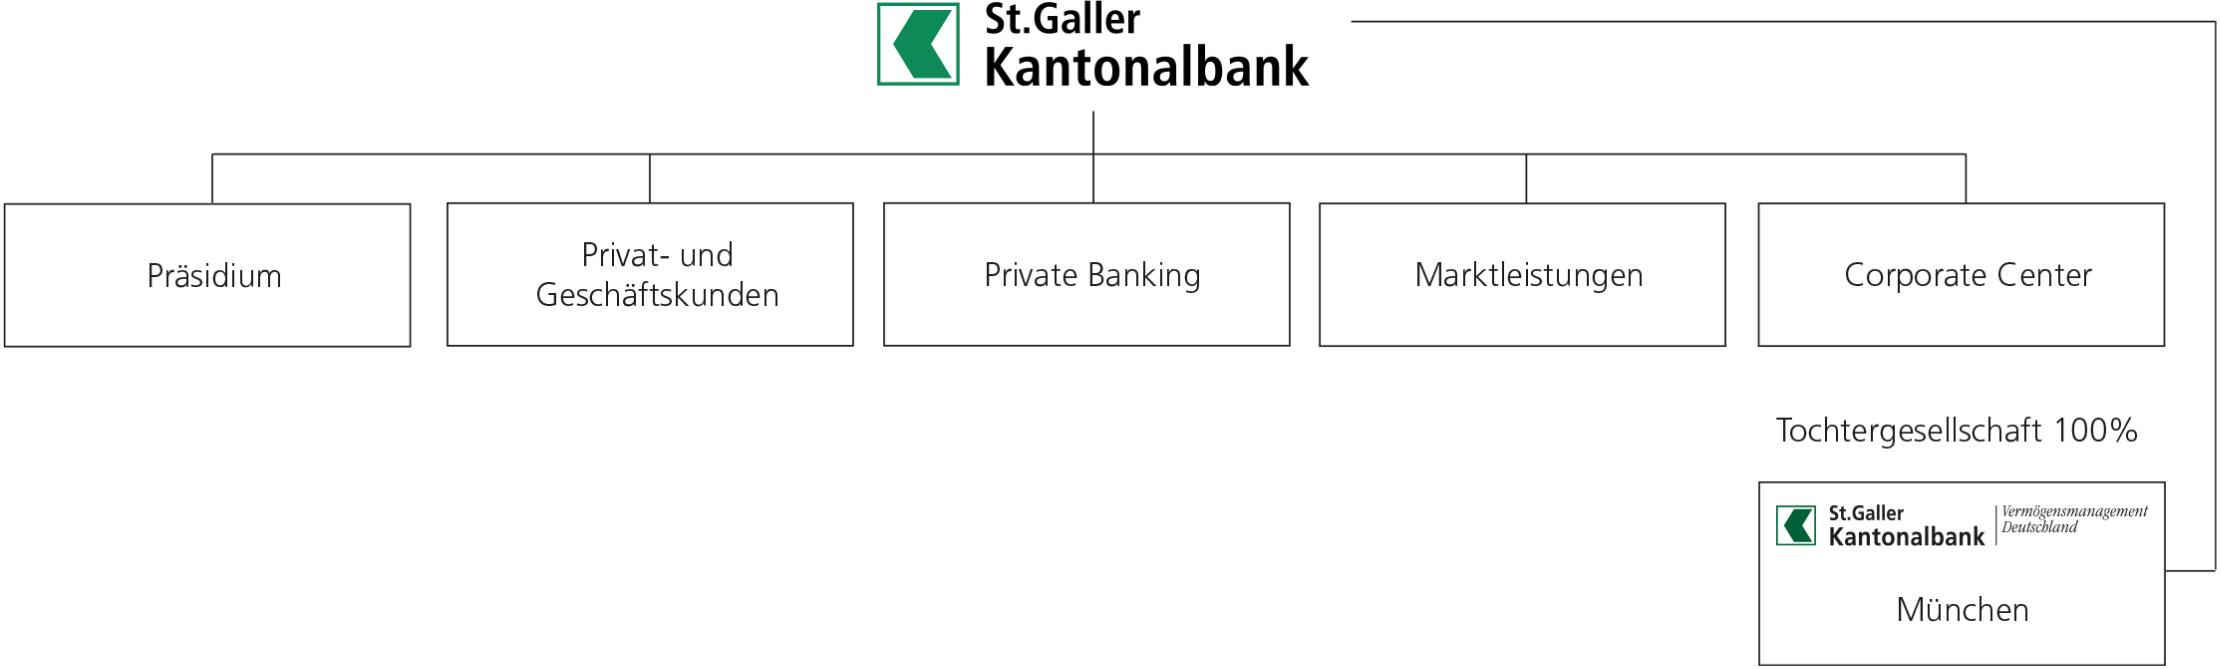 Konzernstruktur SGKB-Gruppe